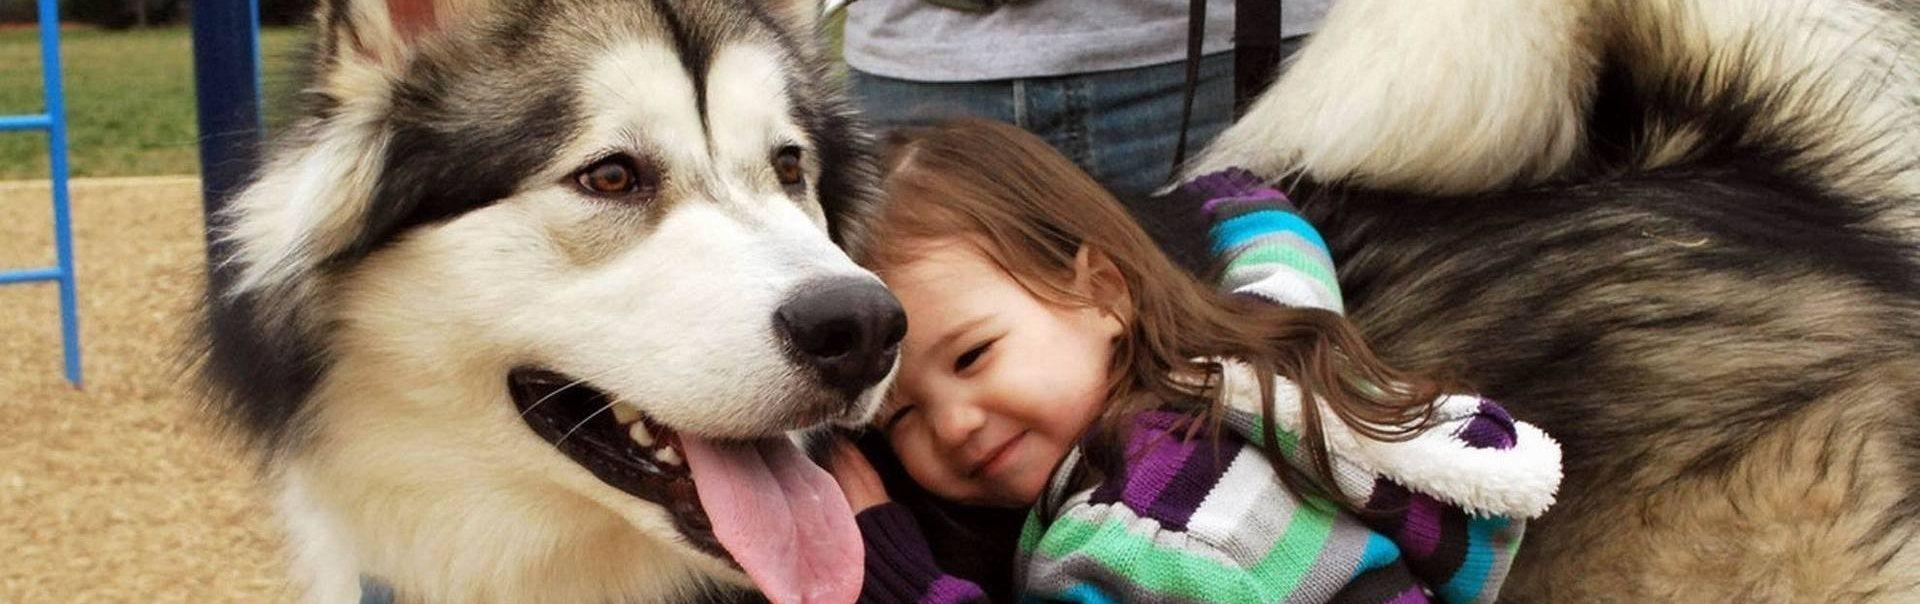 Cele mai bune rase de câini pentru copii